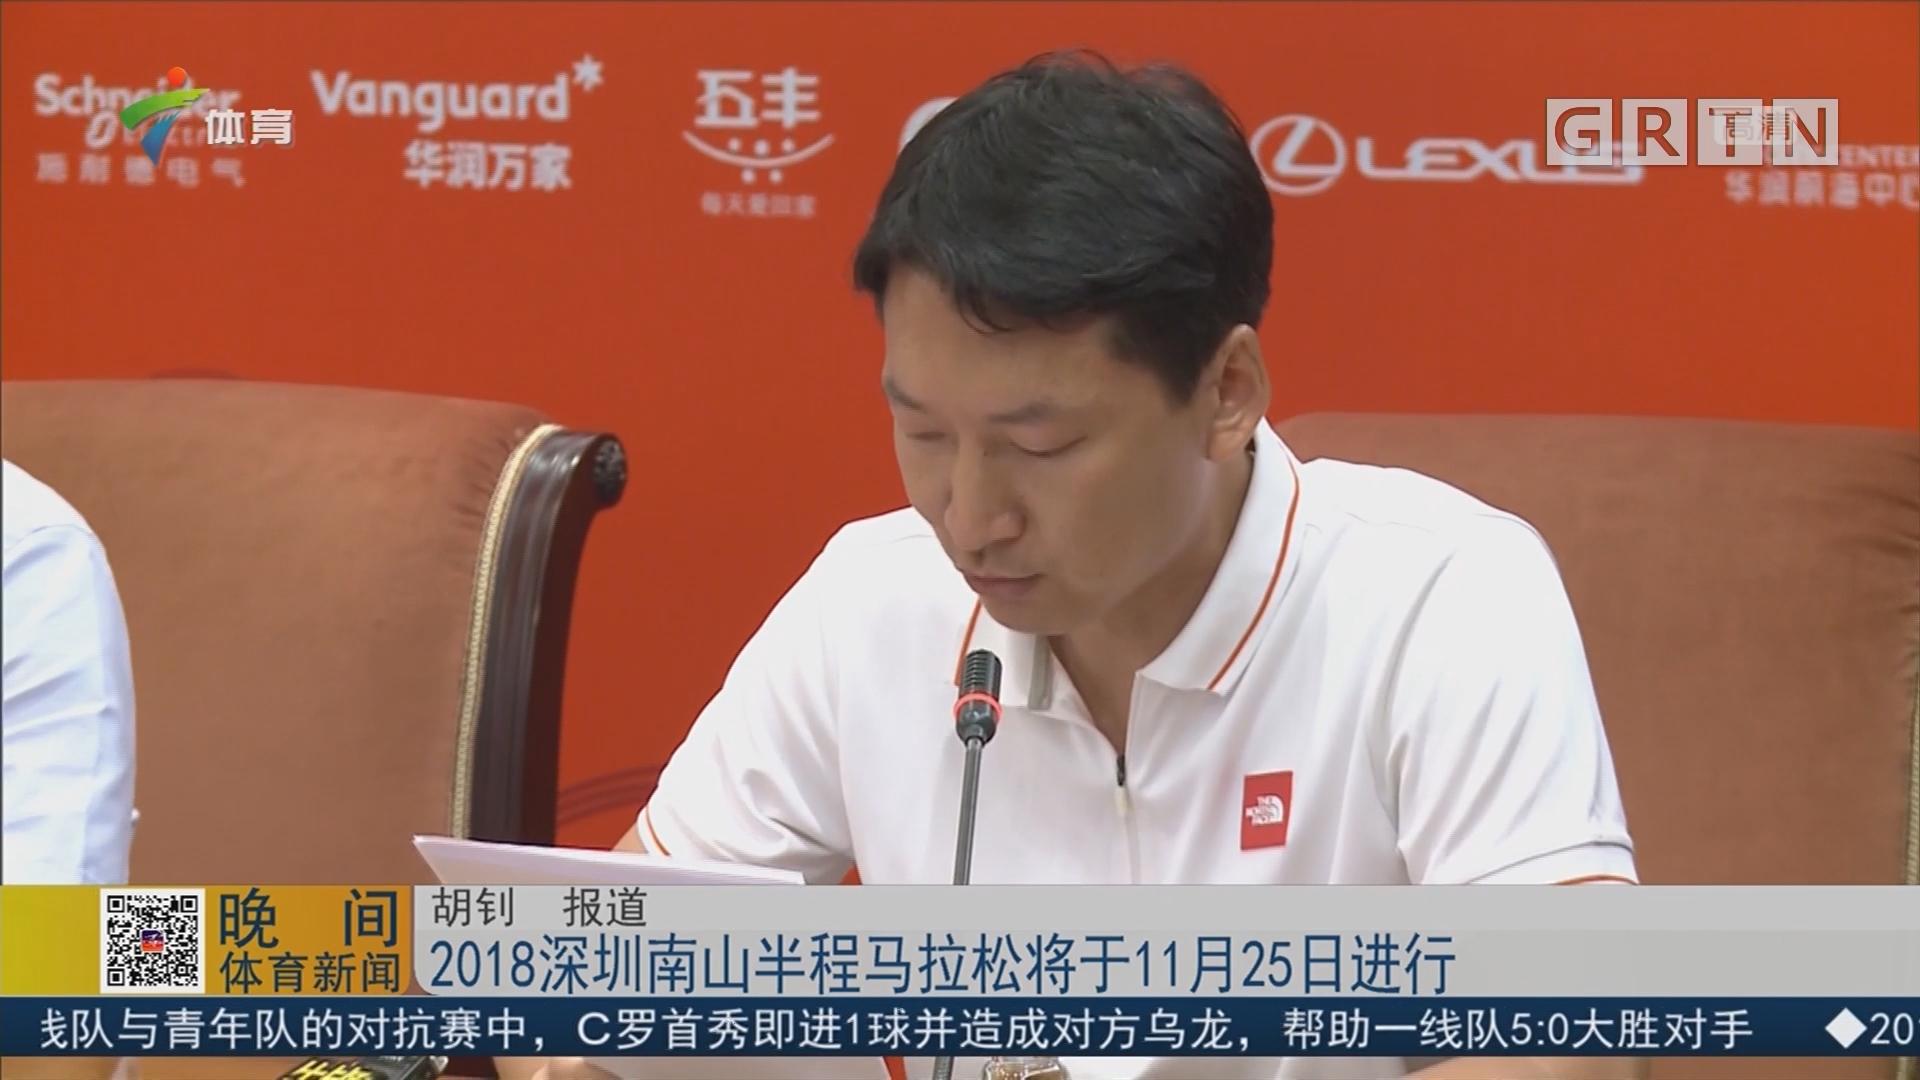 2018深圳南山半程马拉松将于11月25日进行